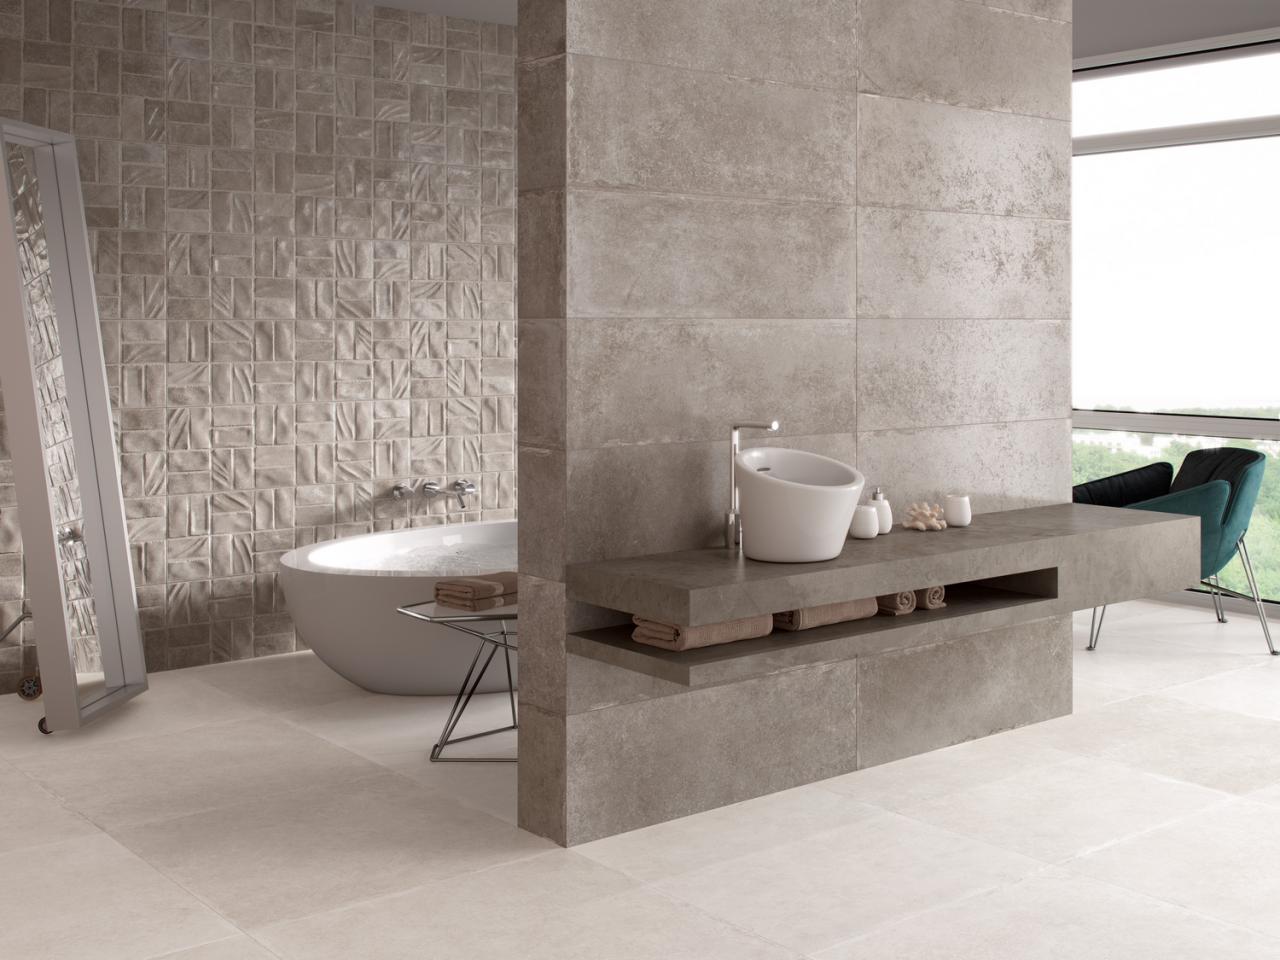 Title Avec Images Carrelage Salle De Bain Toilette Design